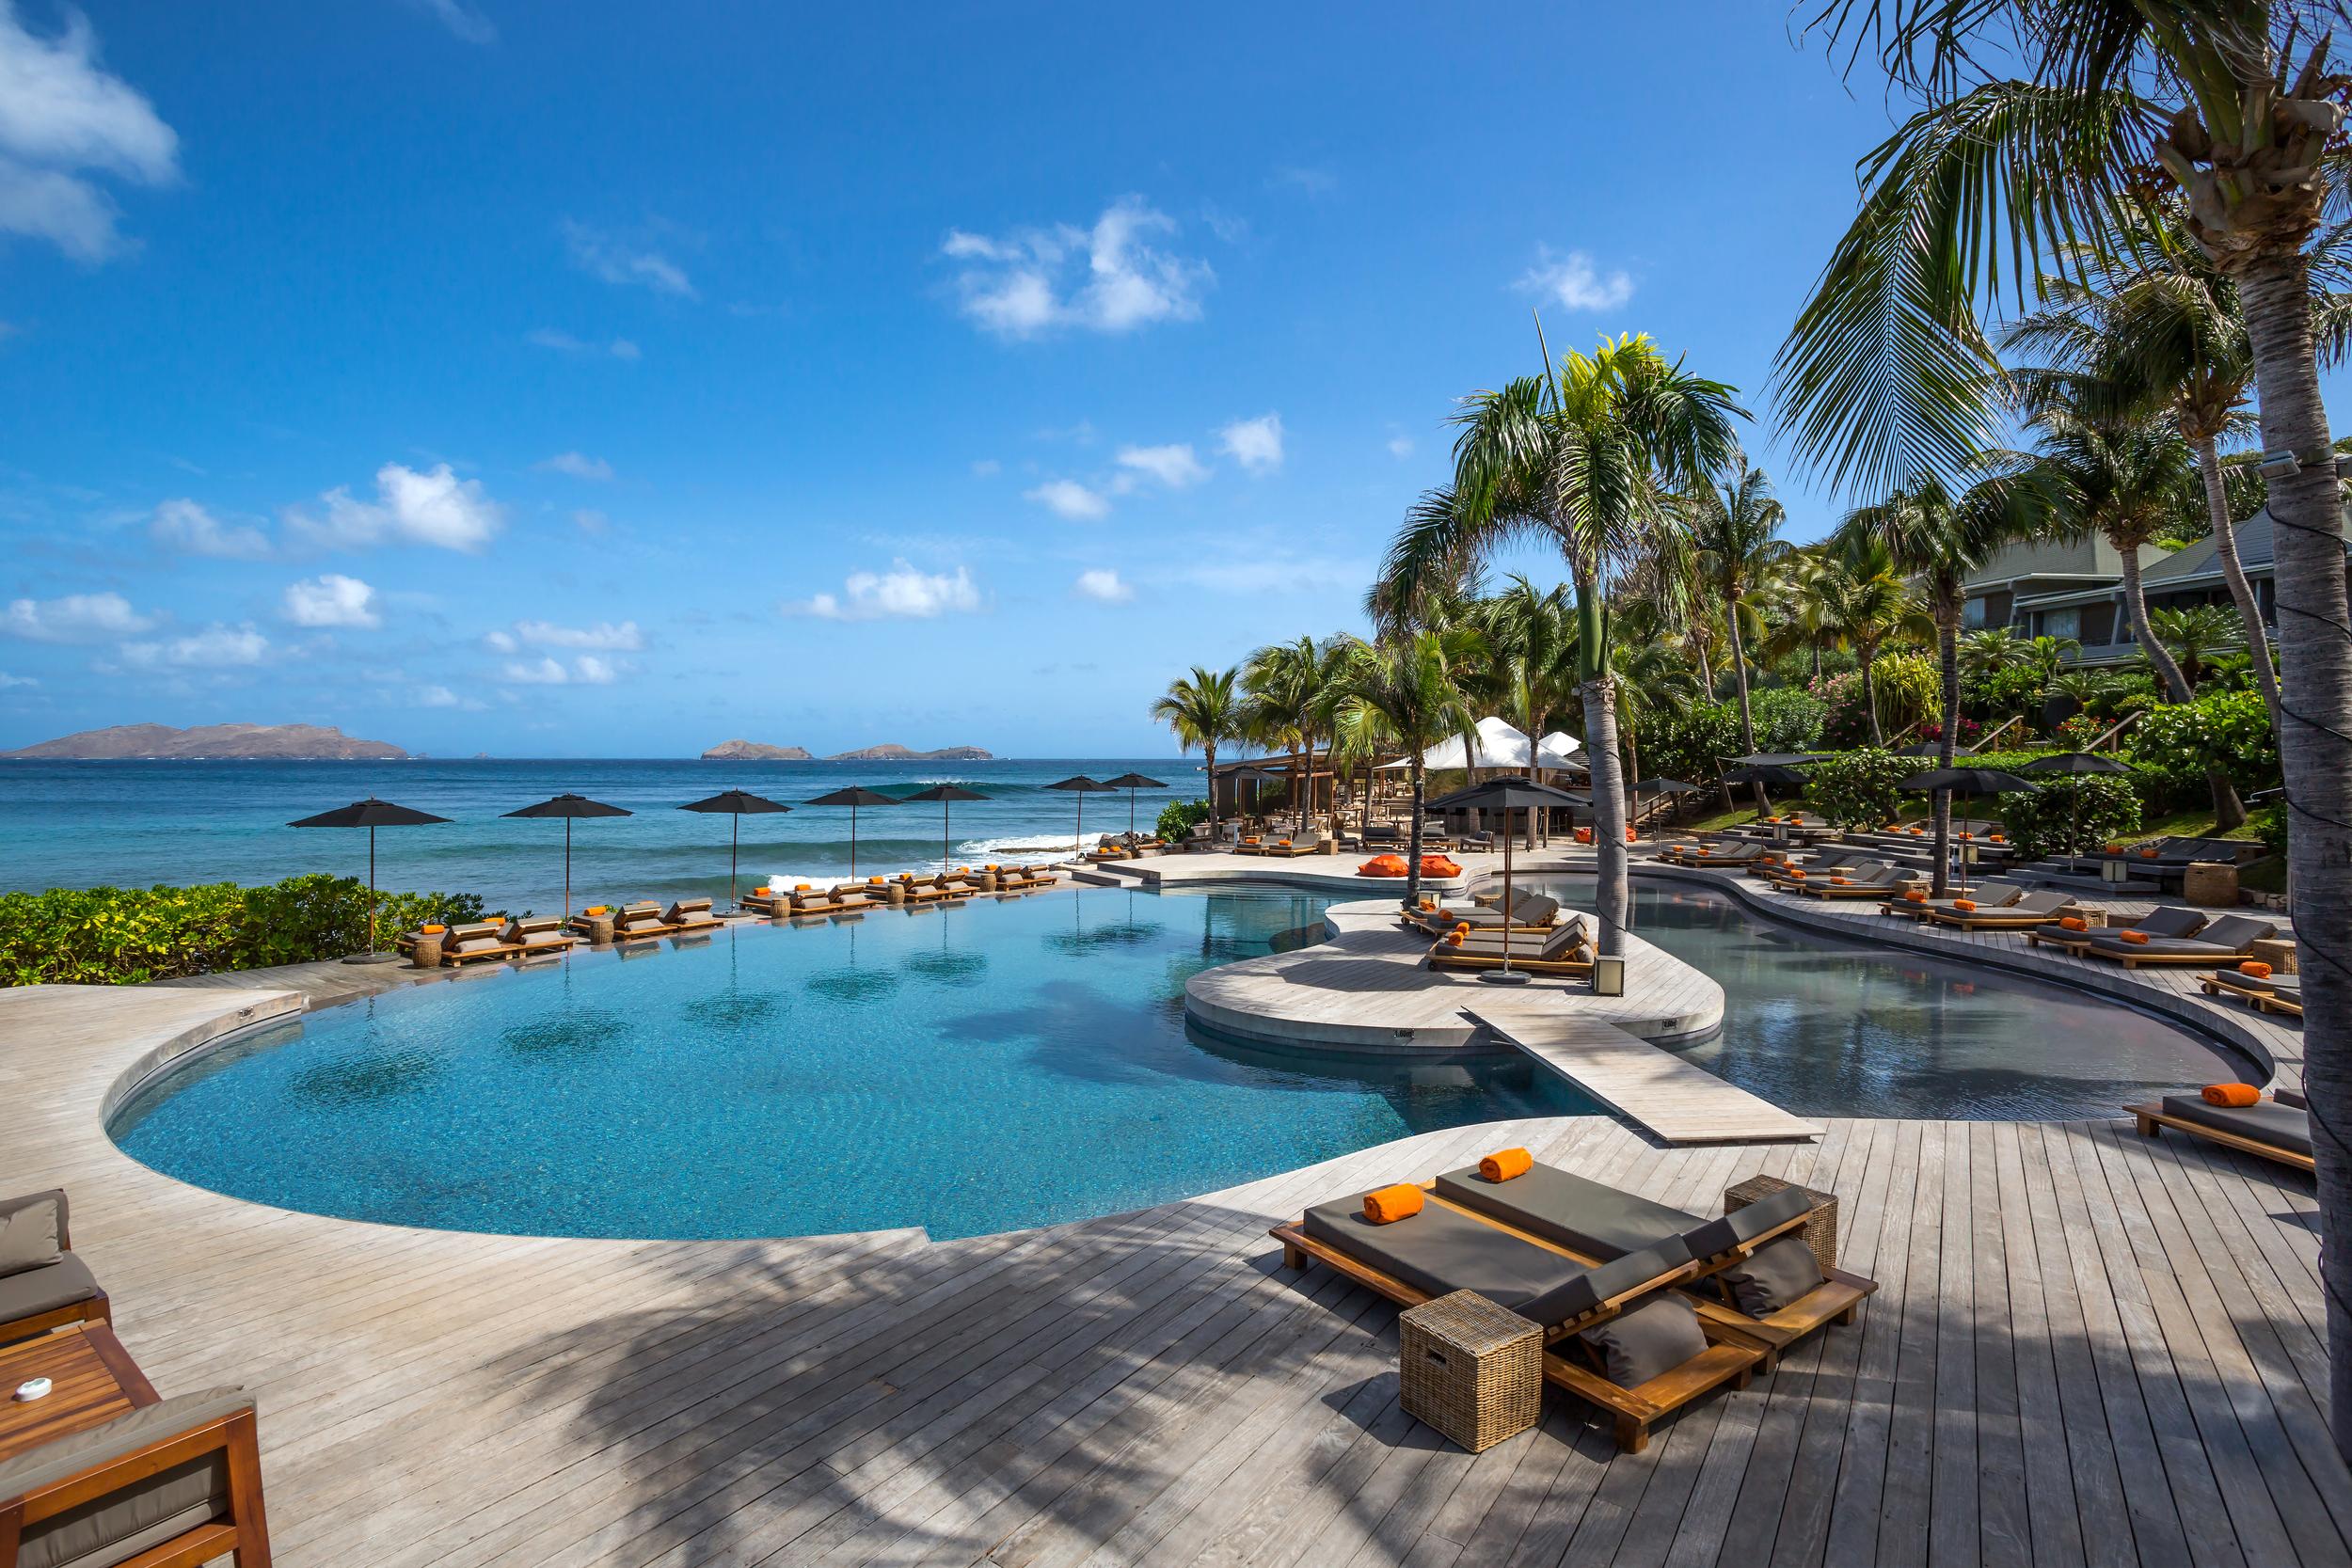 caribbean_StBarths_Hotel_Christopher_Piscine Hotel Christopher.jpg